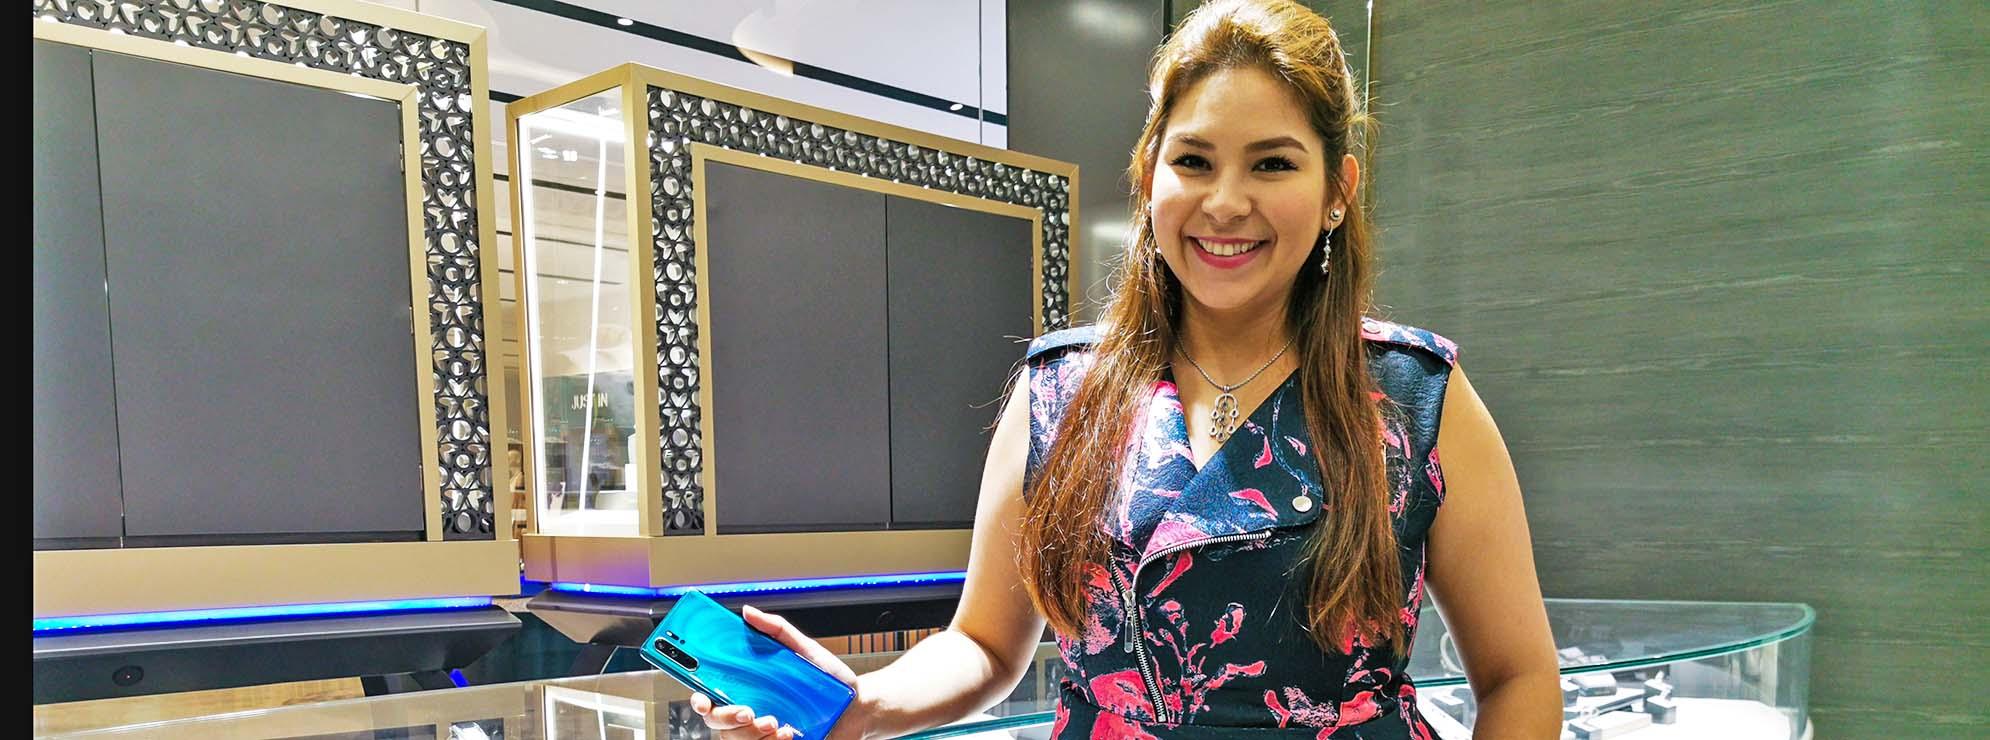 Huawei x Jessica Nasr - Huawei P30 Pro